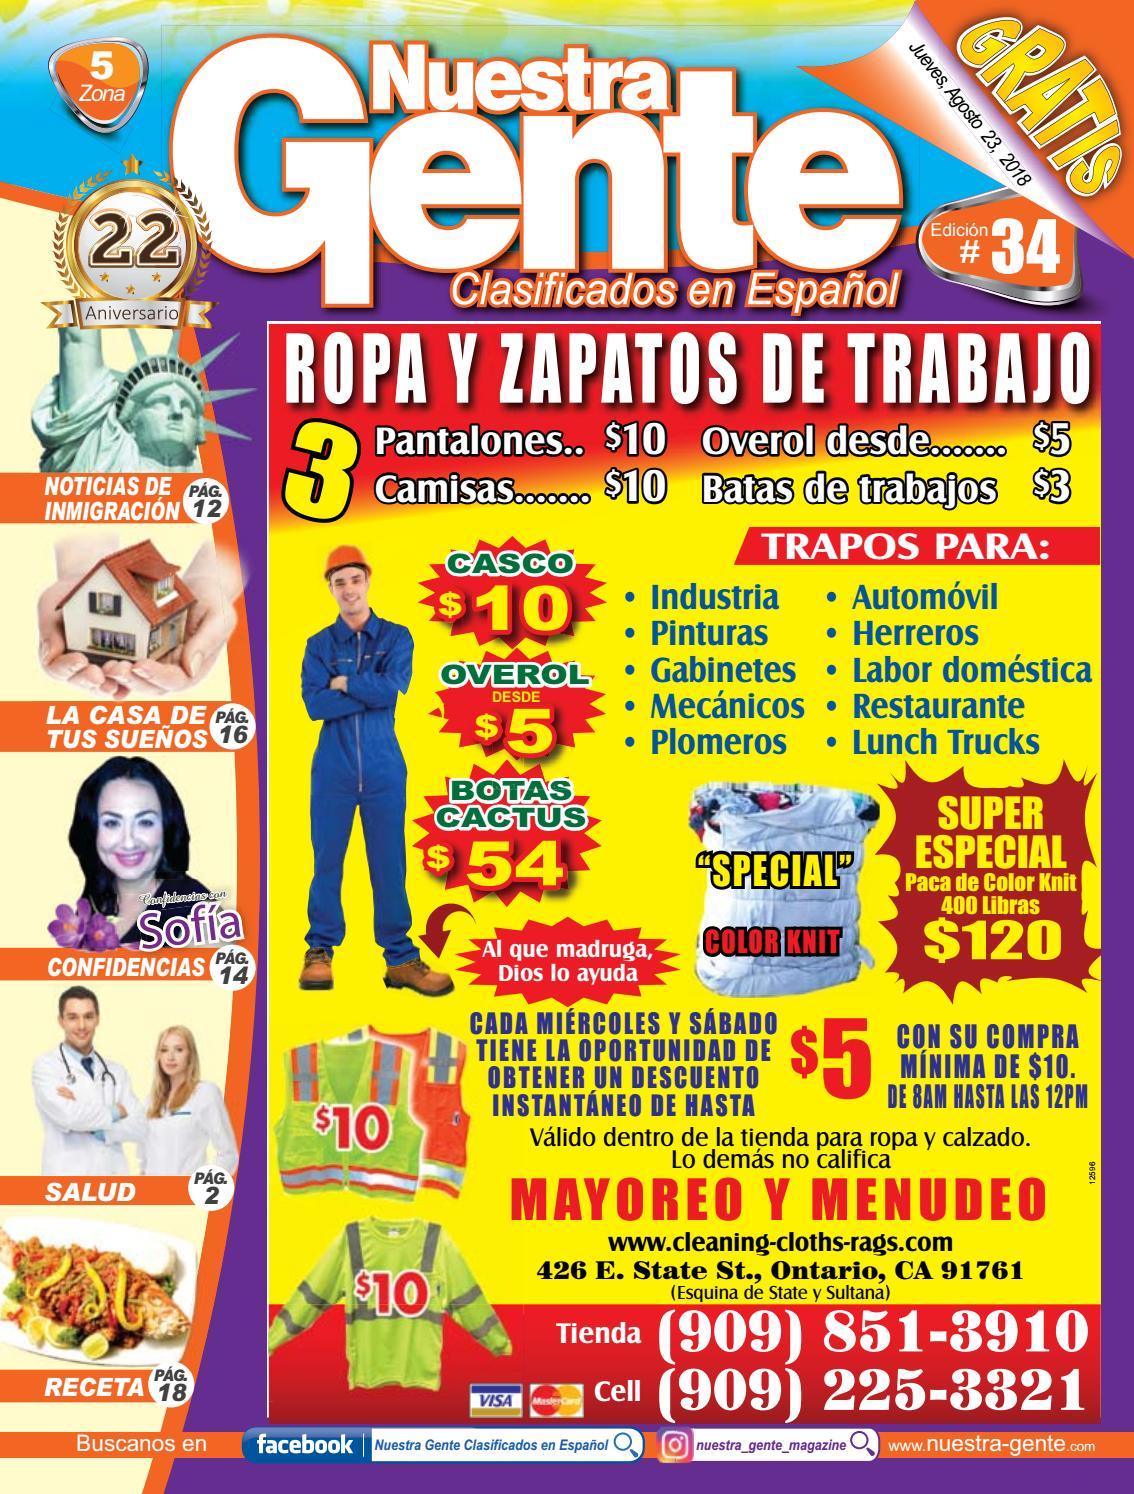 Nuestra Gente 2018 Edicion 34 Zona 5 by Nuestra Gente - issuu